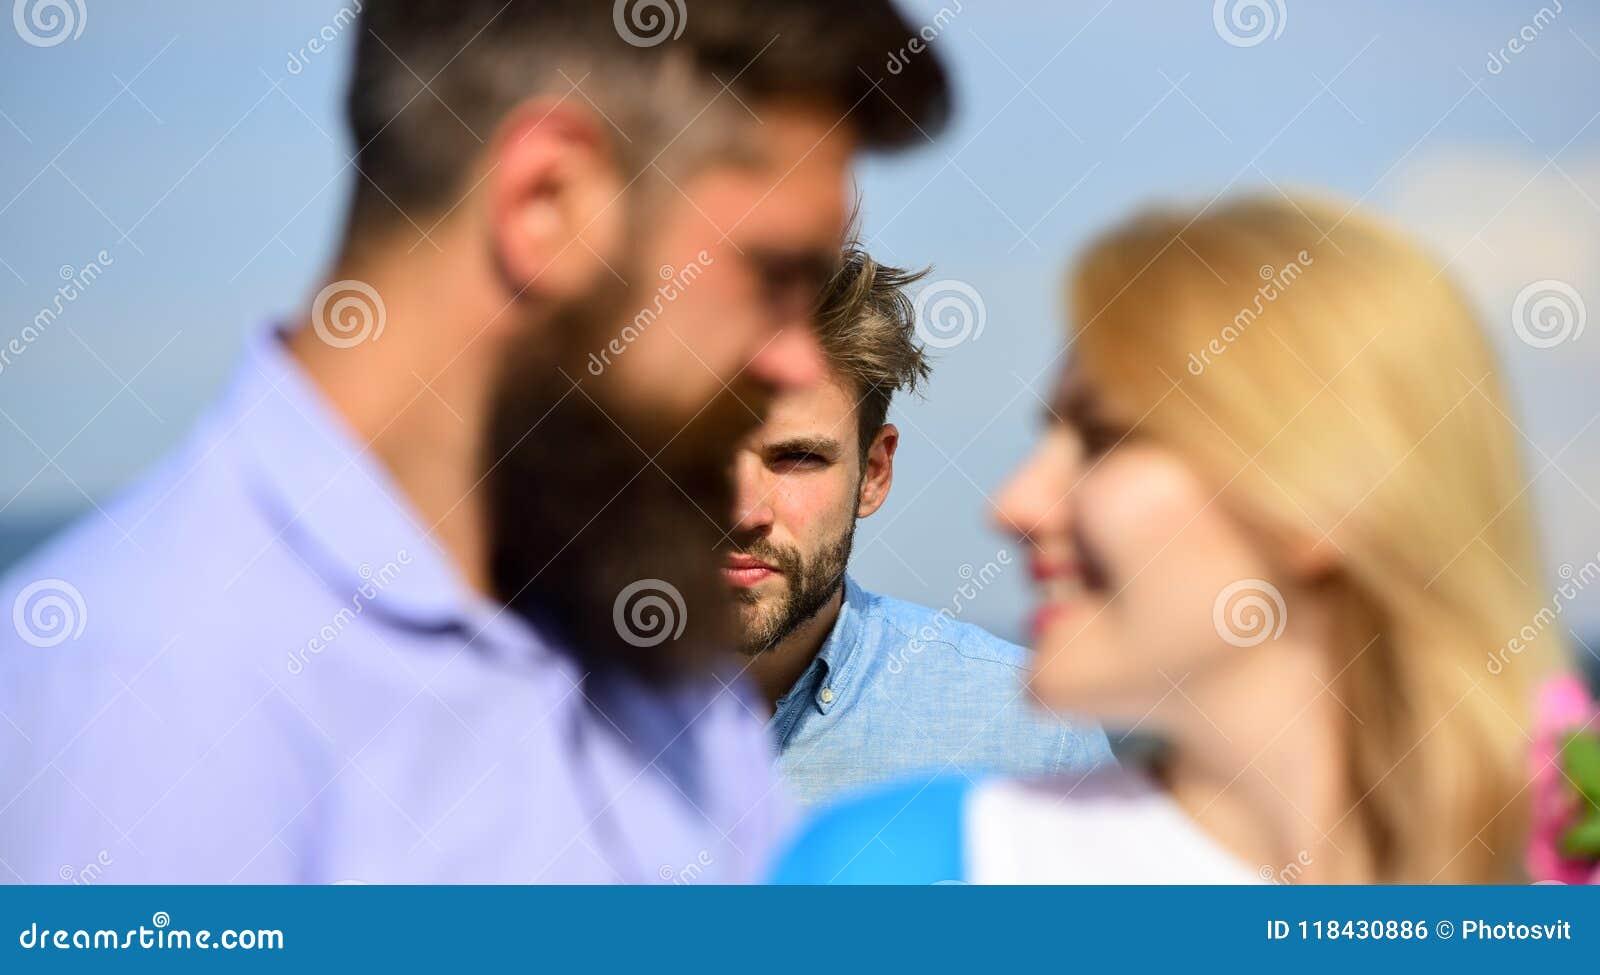 problemi con la datazione di una ragazza calda il mio migliore amico sta uscendo con il mio migliore amico